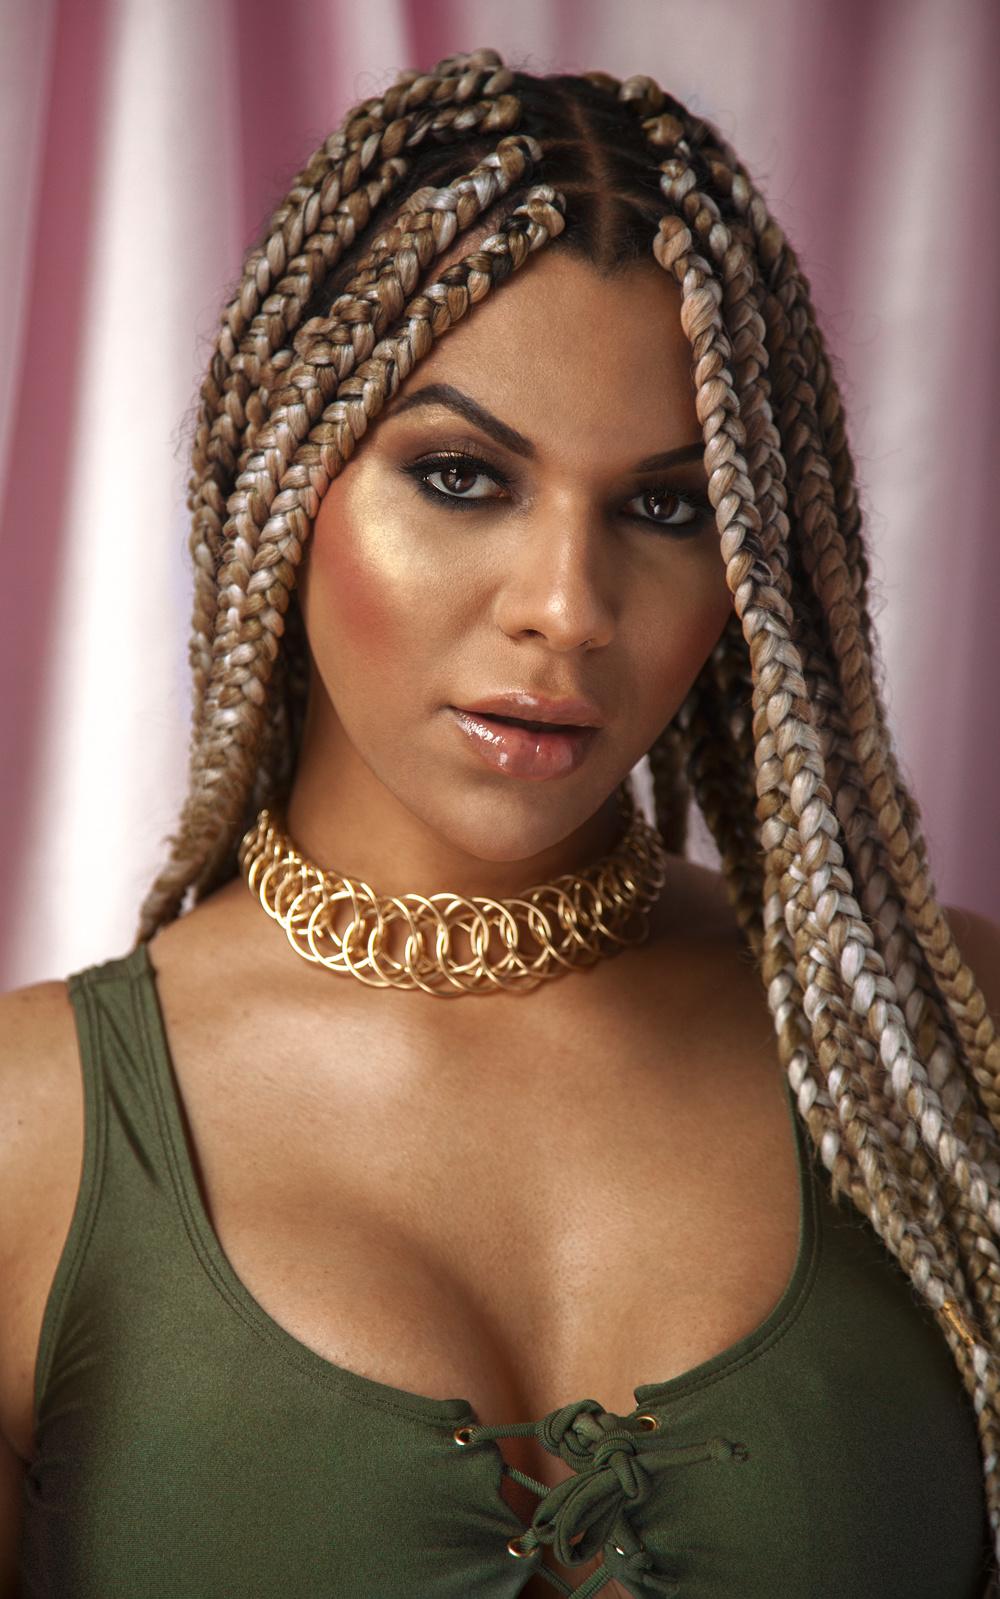 L'Oréal demite modelo transexual após dizer que 'brancos são racistas'